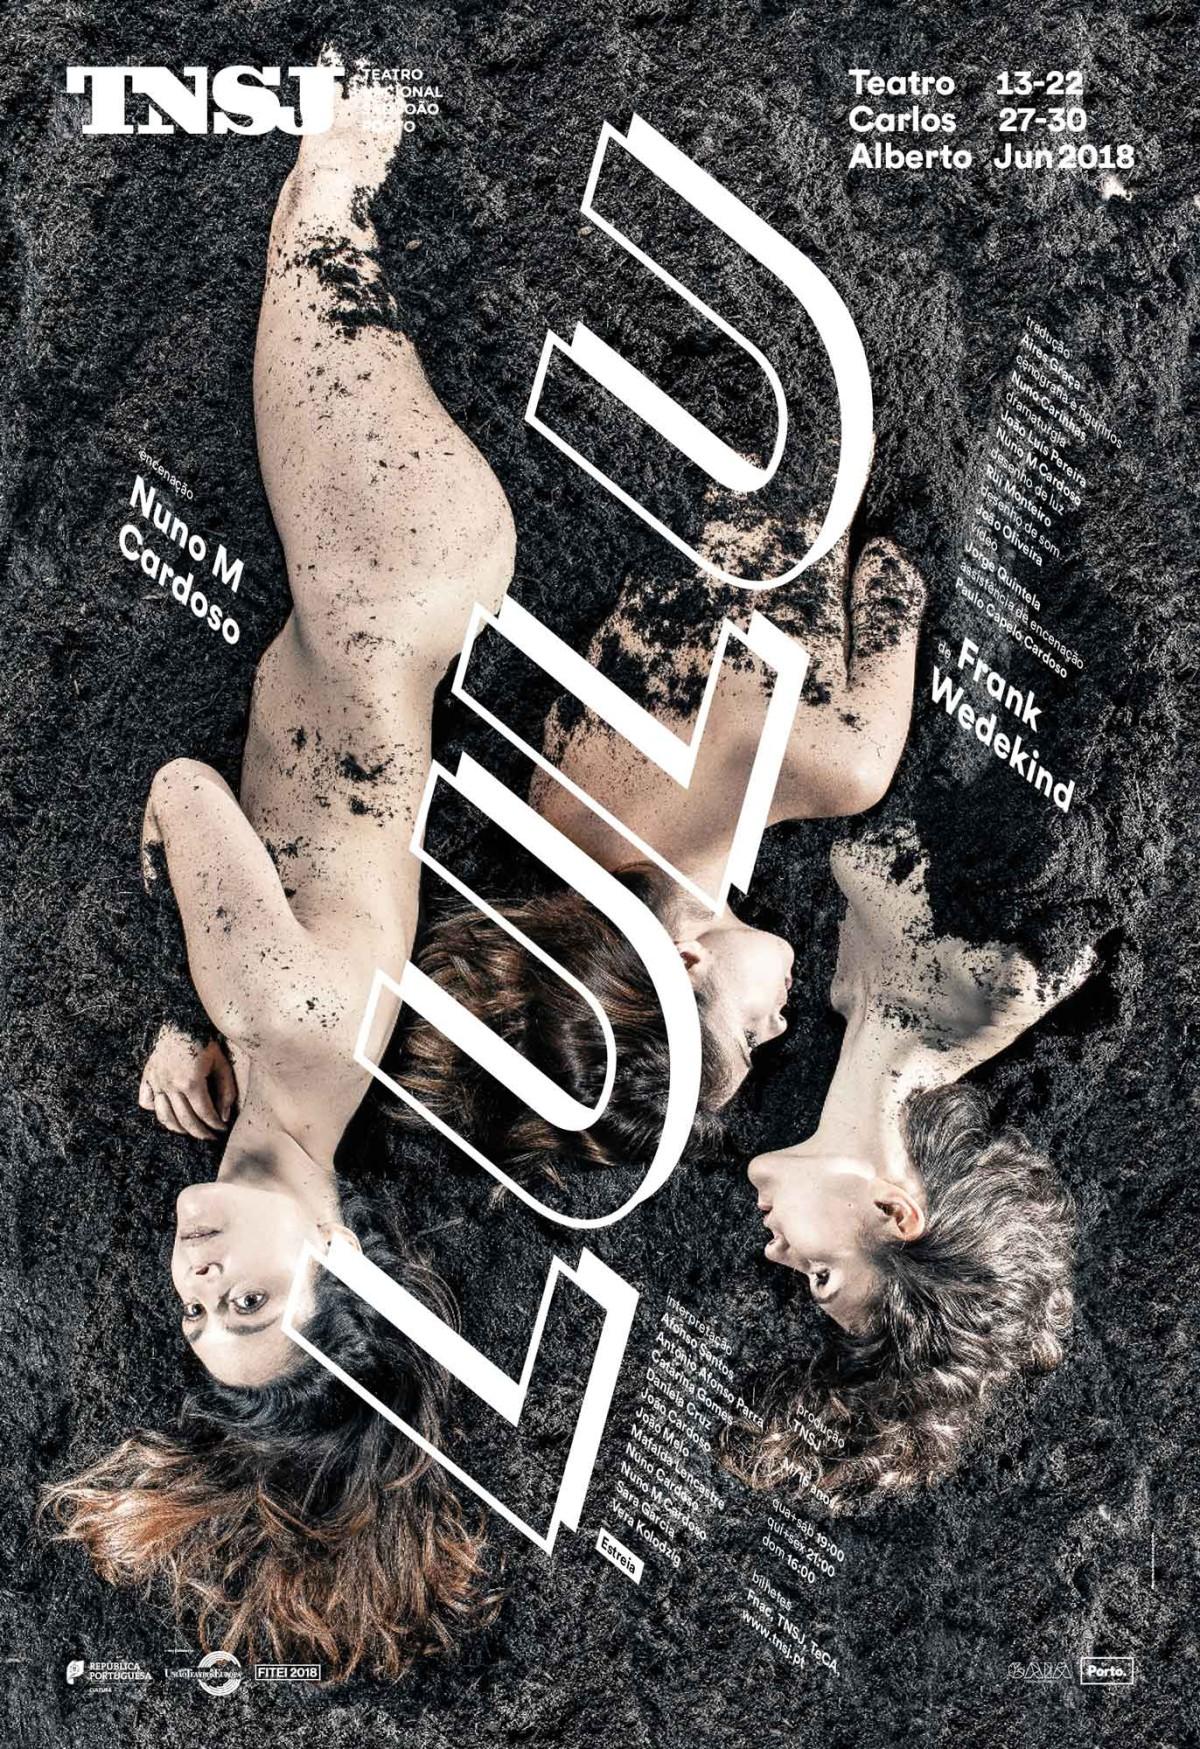 São João National Theatre Posters 2017-2018 Image:10.1